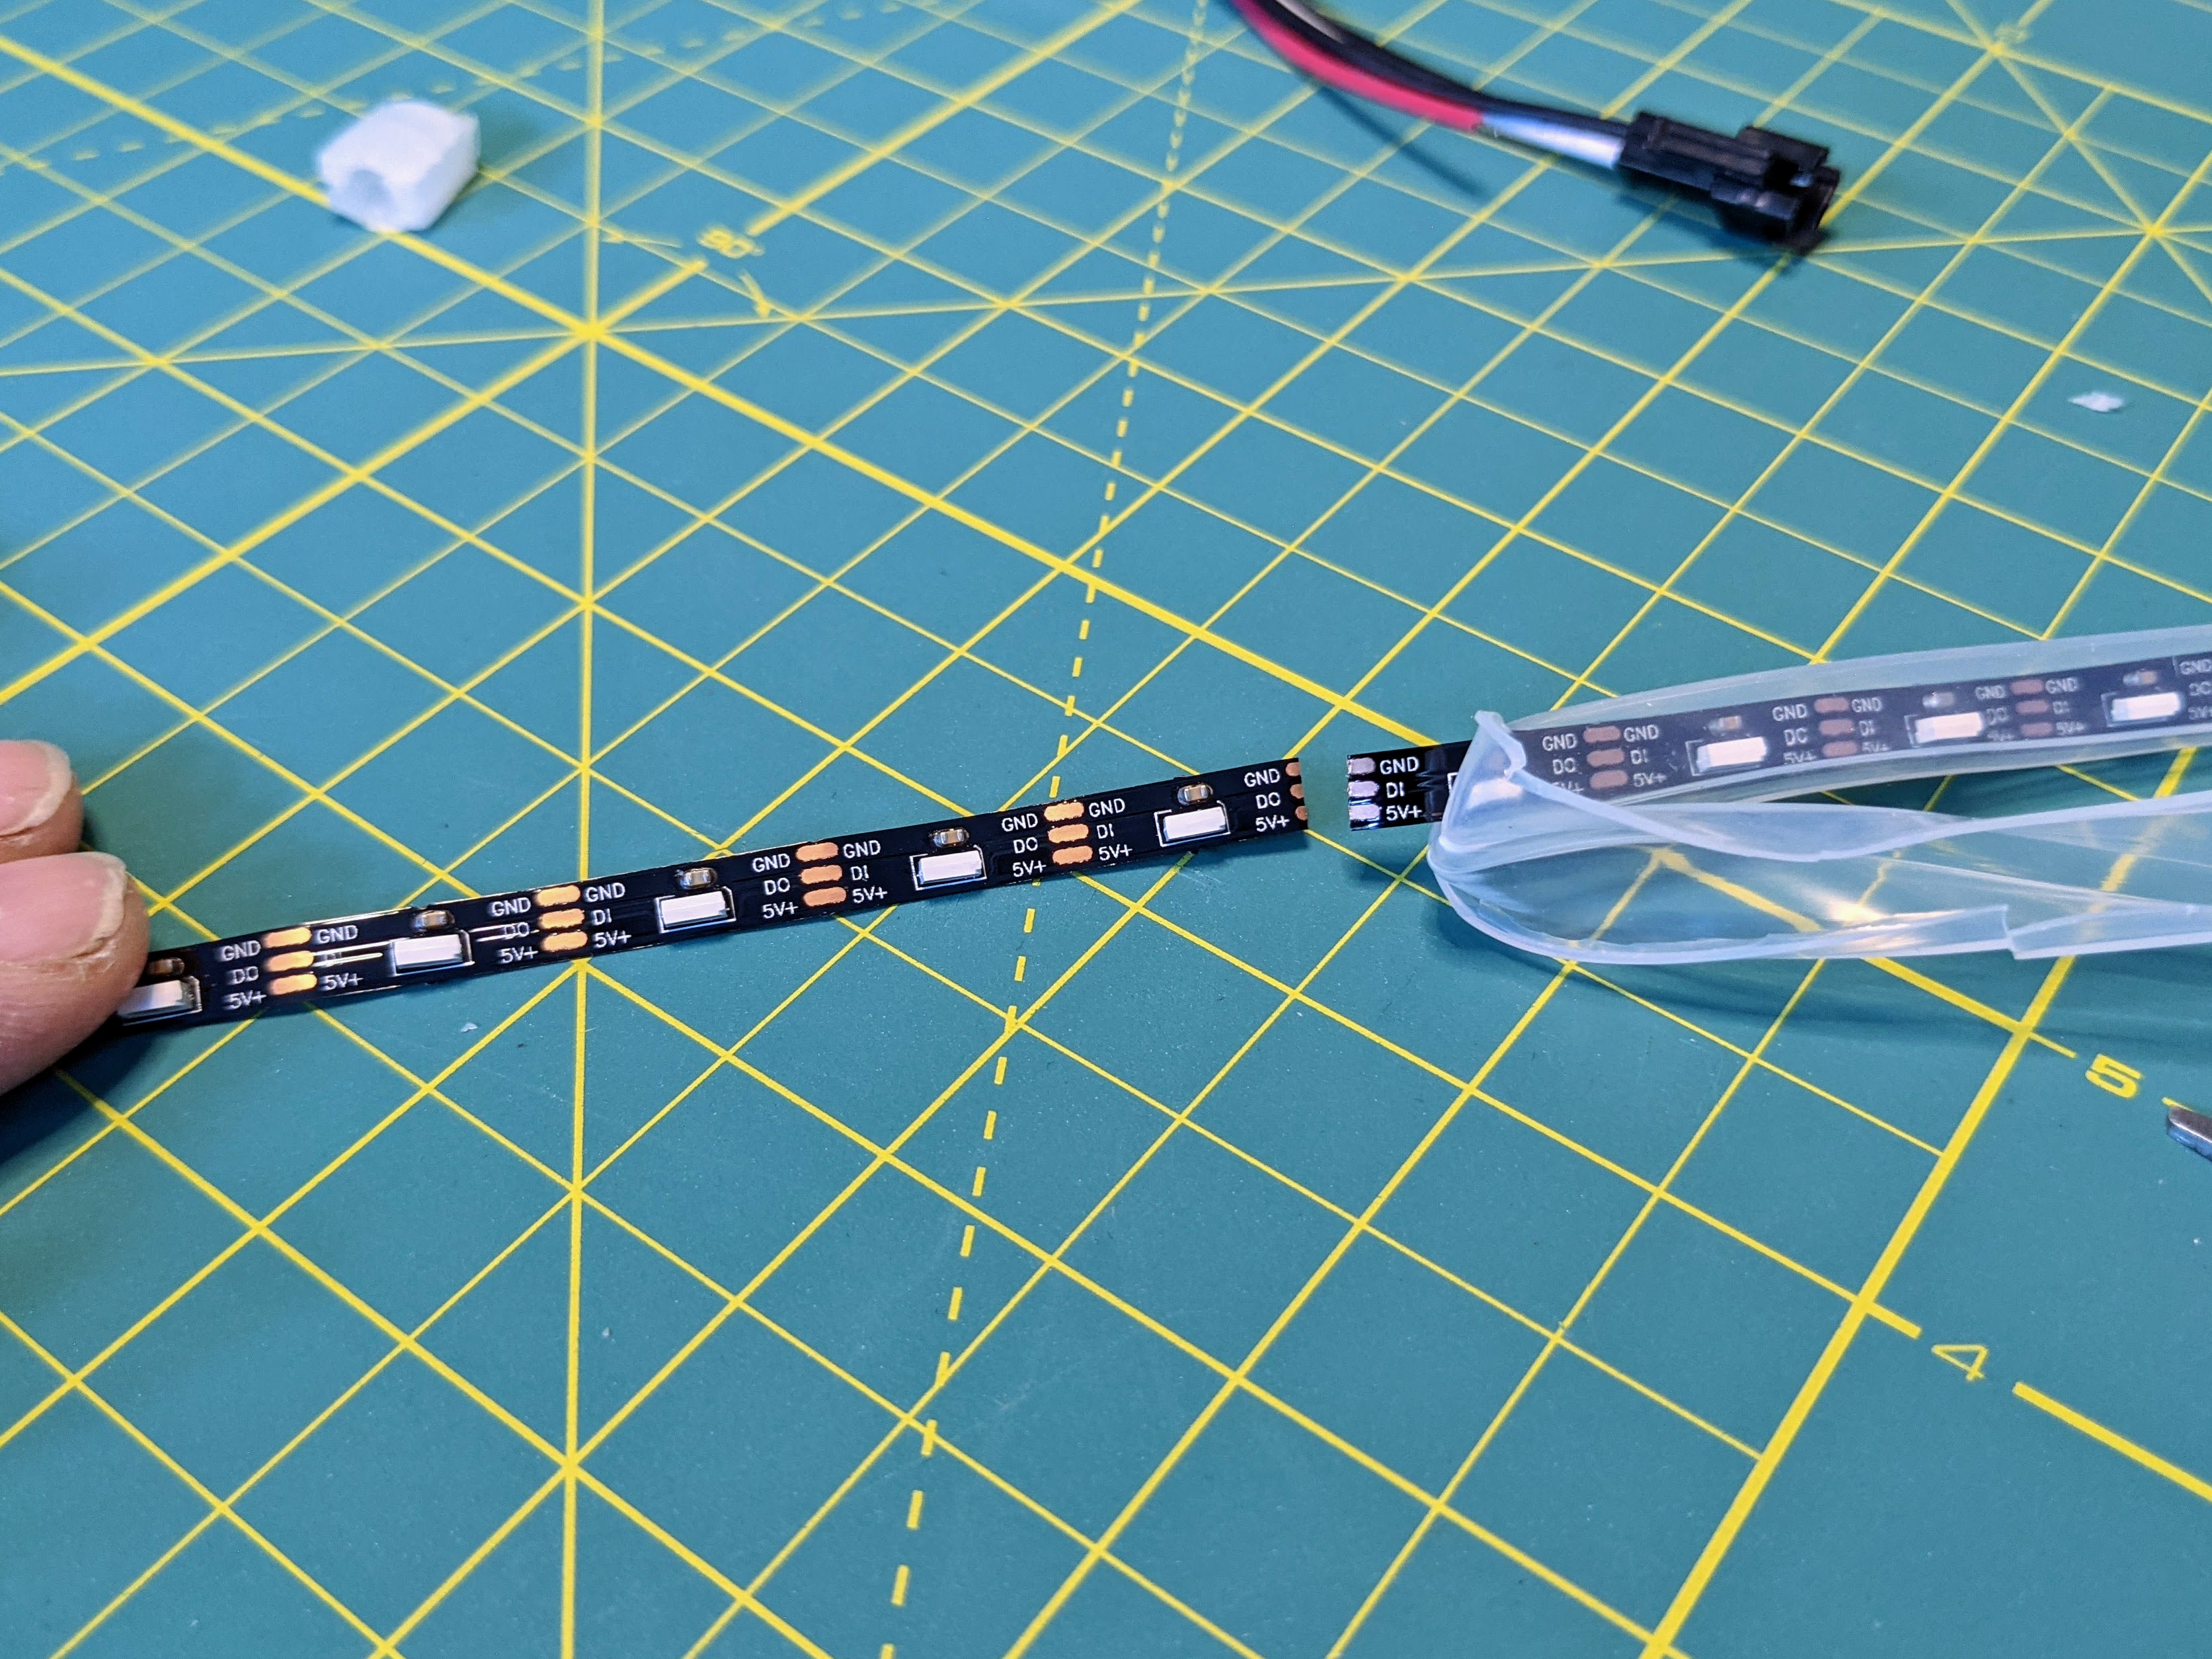 led_strips_PXL_20210109_233619428.jpg